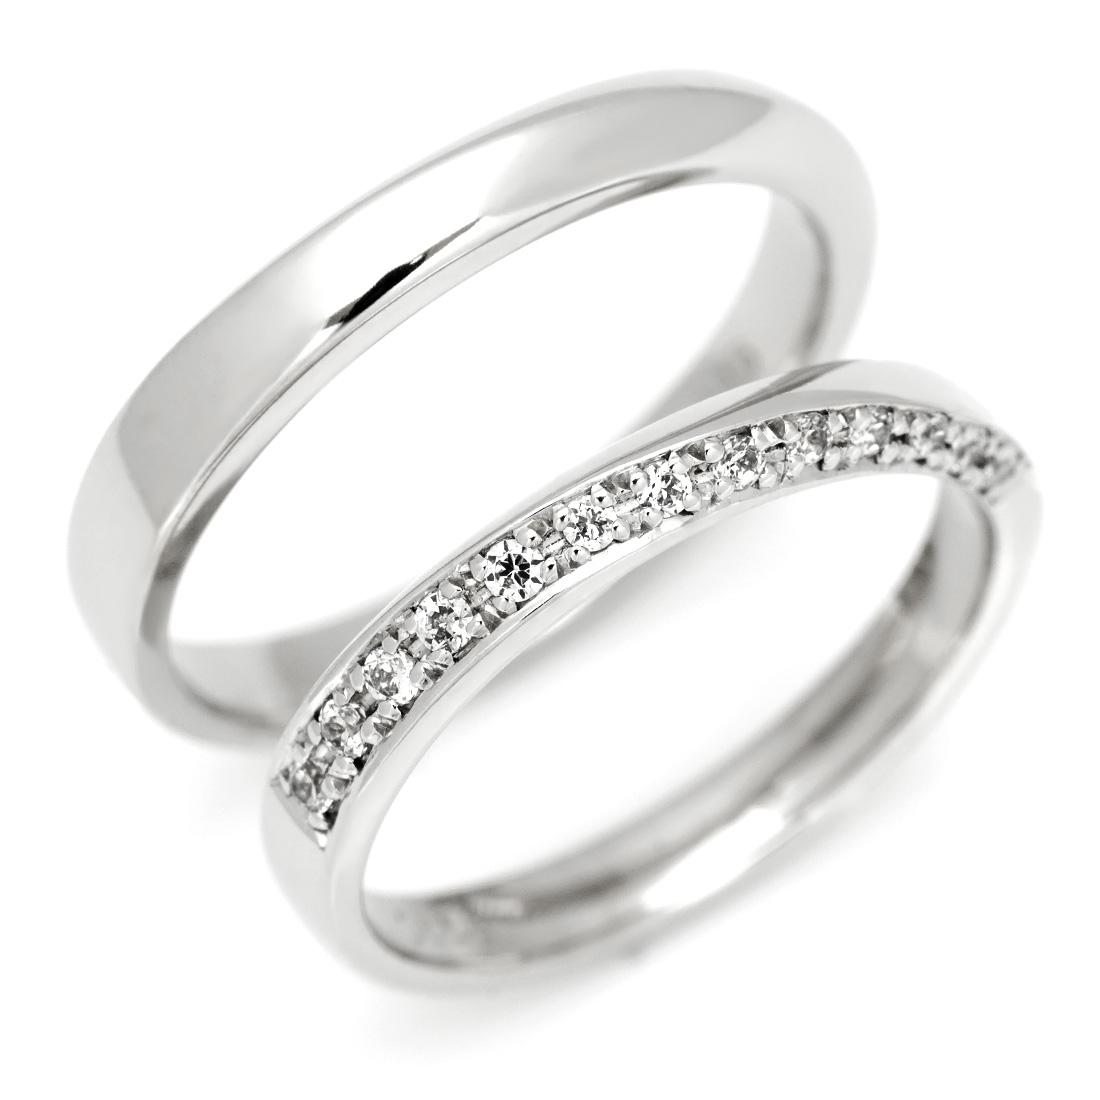 【GWクーポン配布中】マリッジリング ダイヤモンド 「Balance」 プラチナ900 (レディース:1~20号 メンズ:10~29号)